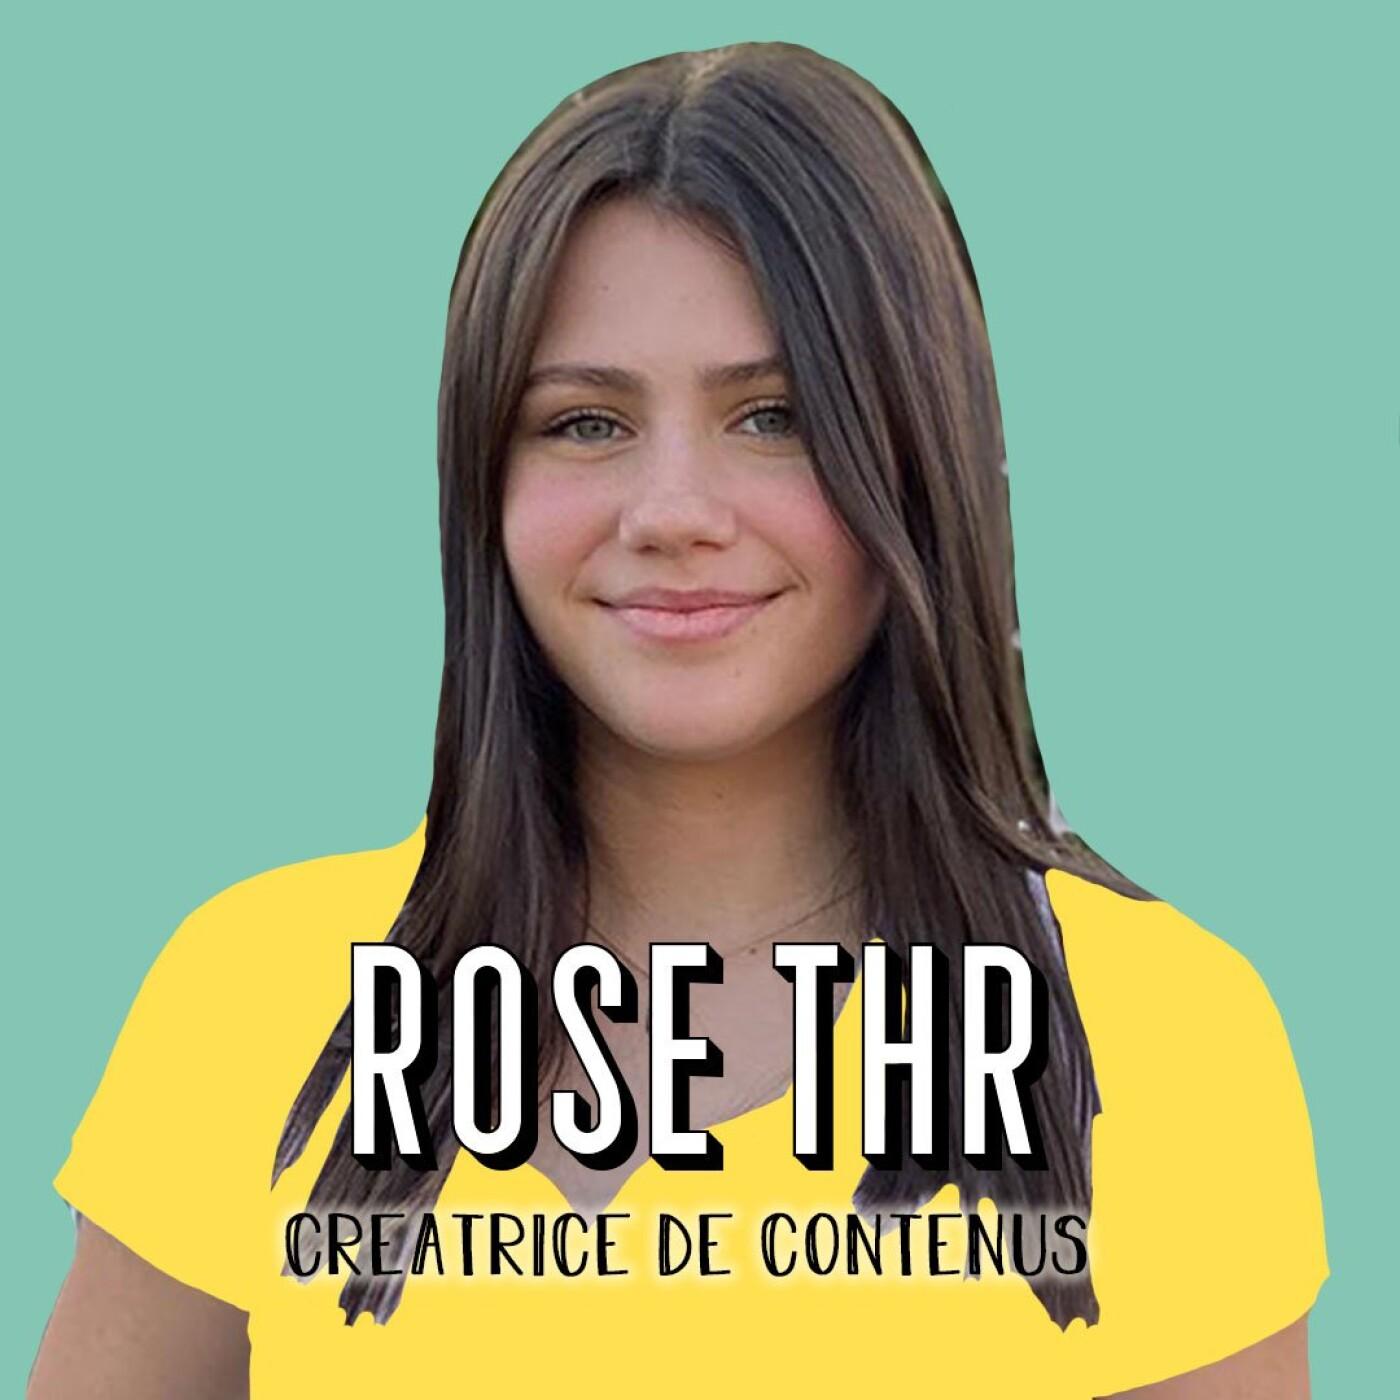 Rose Thr, TikTokeuse la plus suivie de France - Ce qui compte c'est de ne pas avoir de regrets